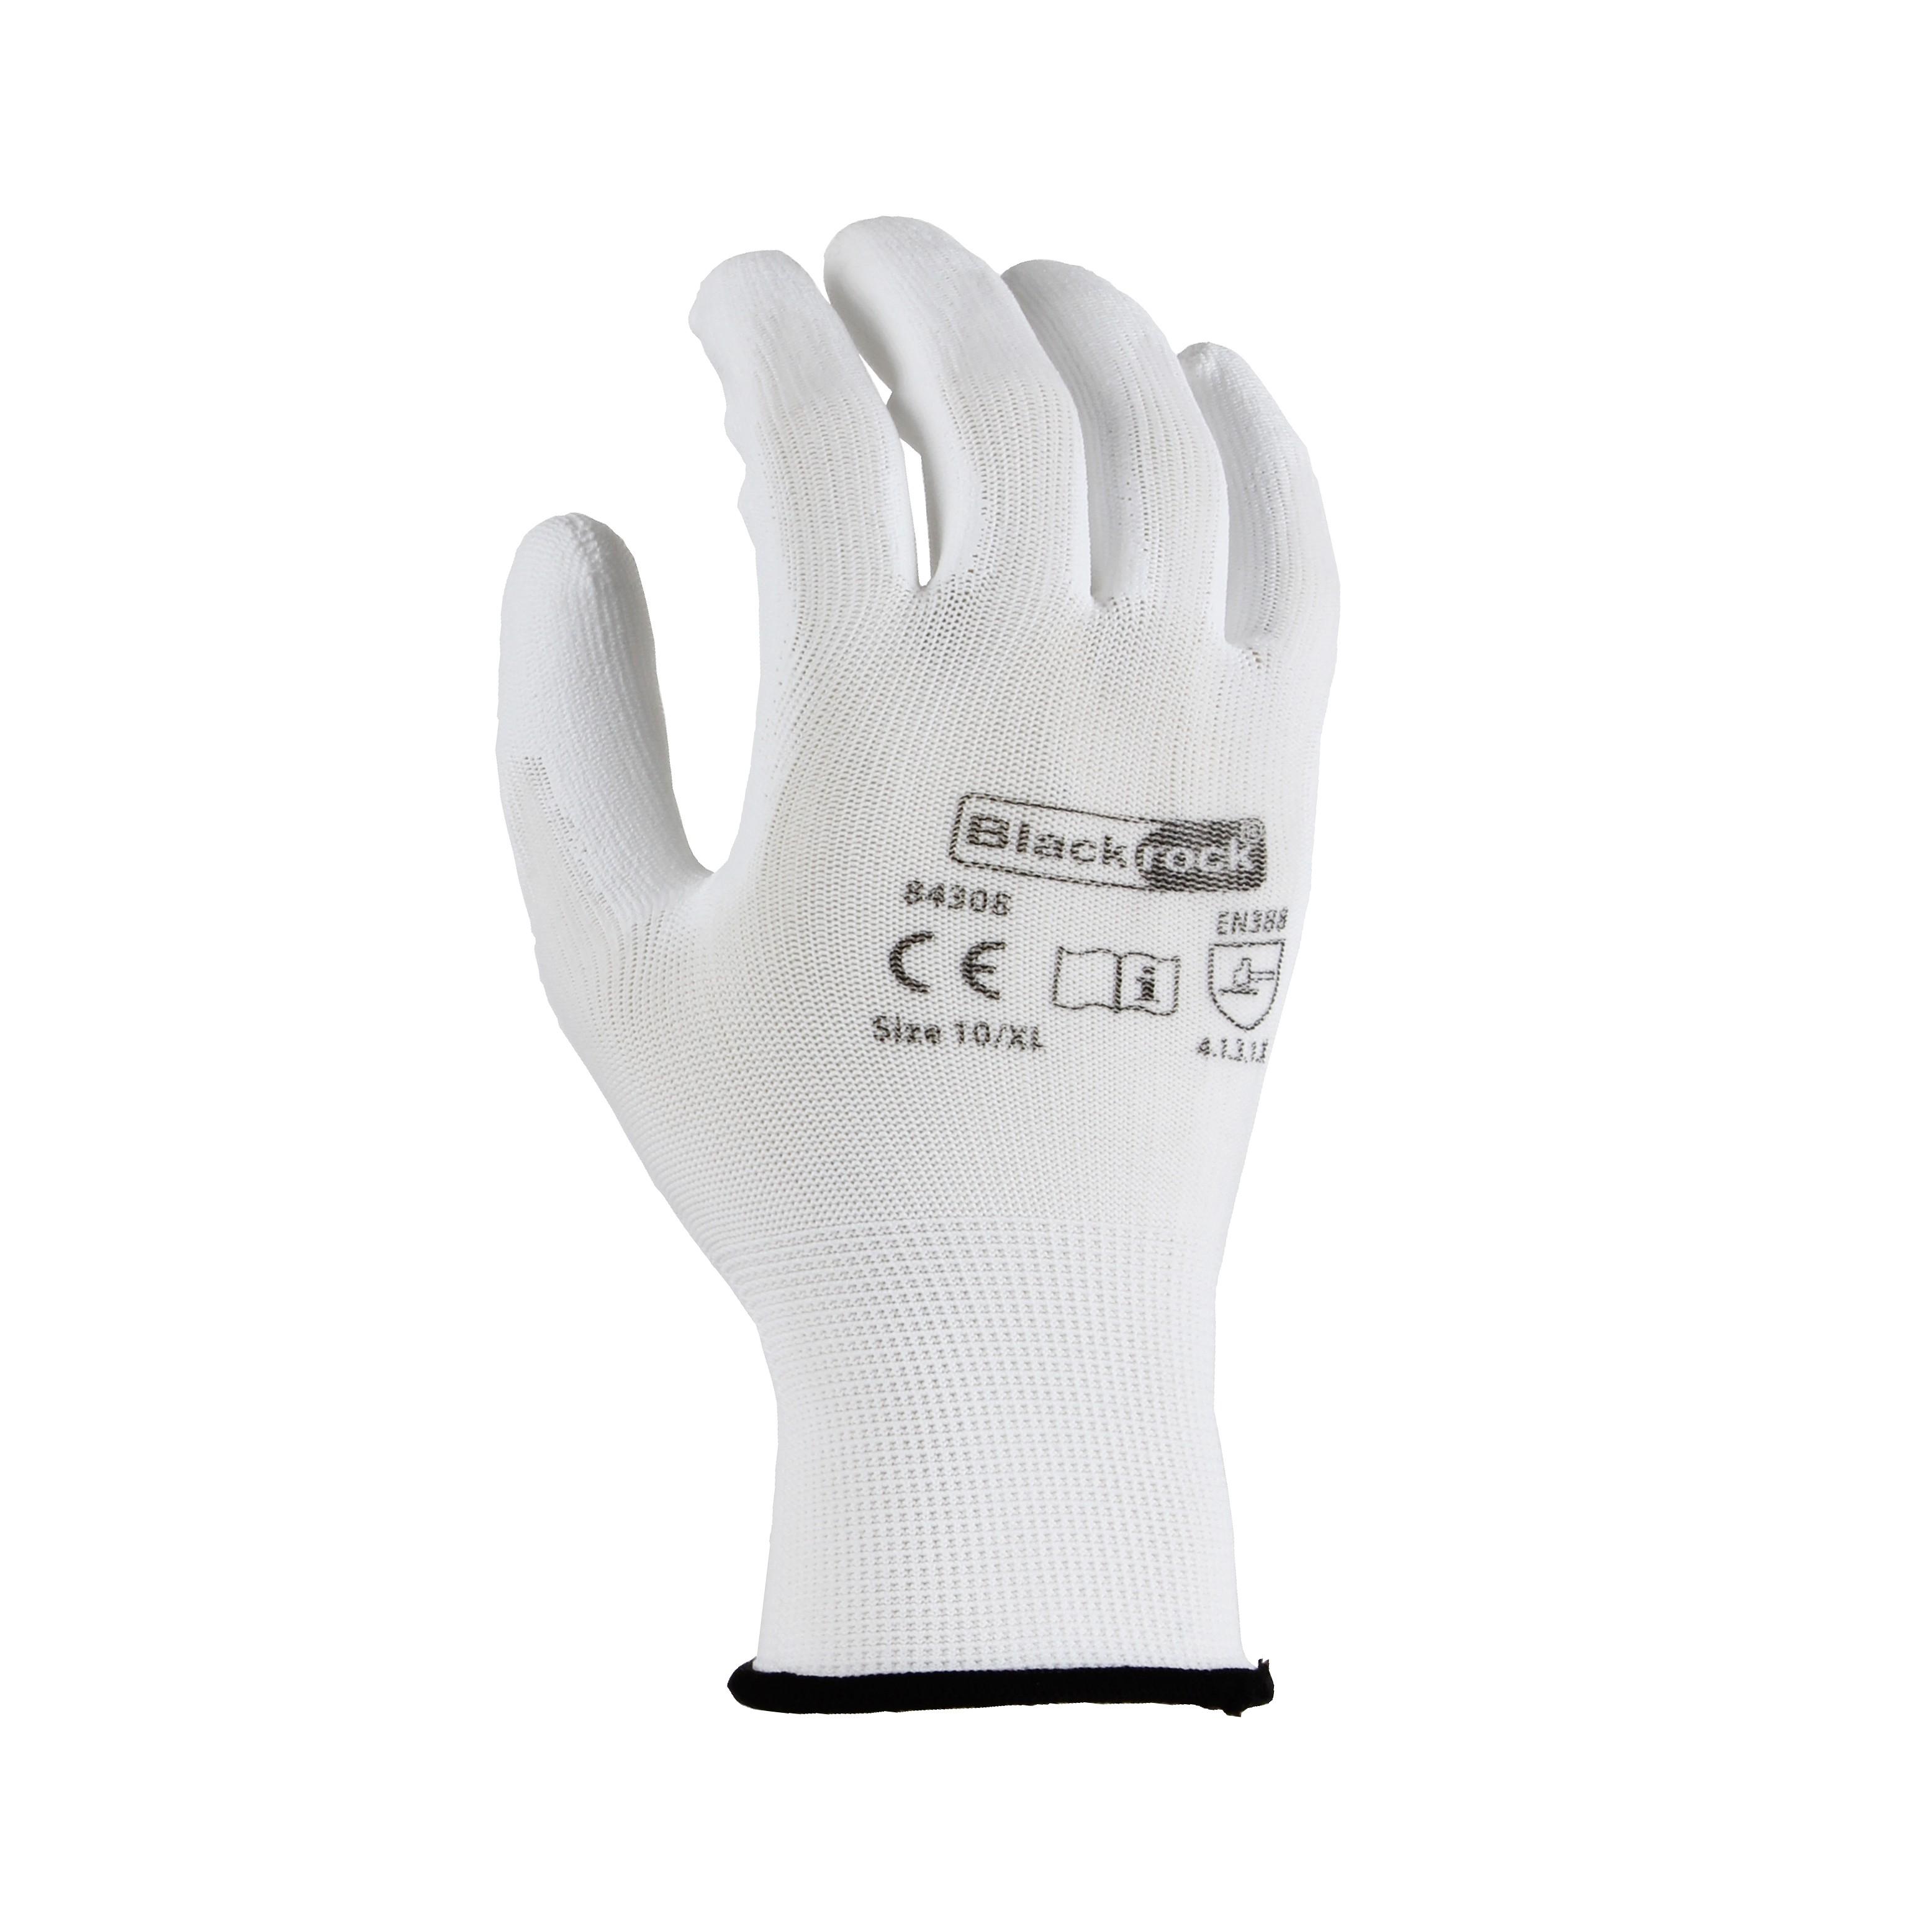 Painter's Lightweight PU Gripper Glove